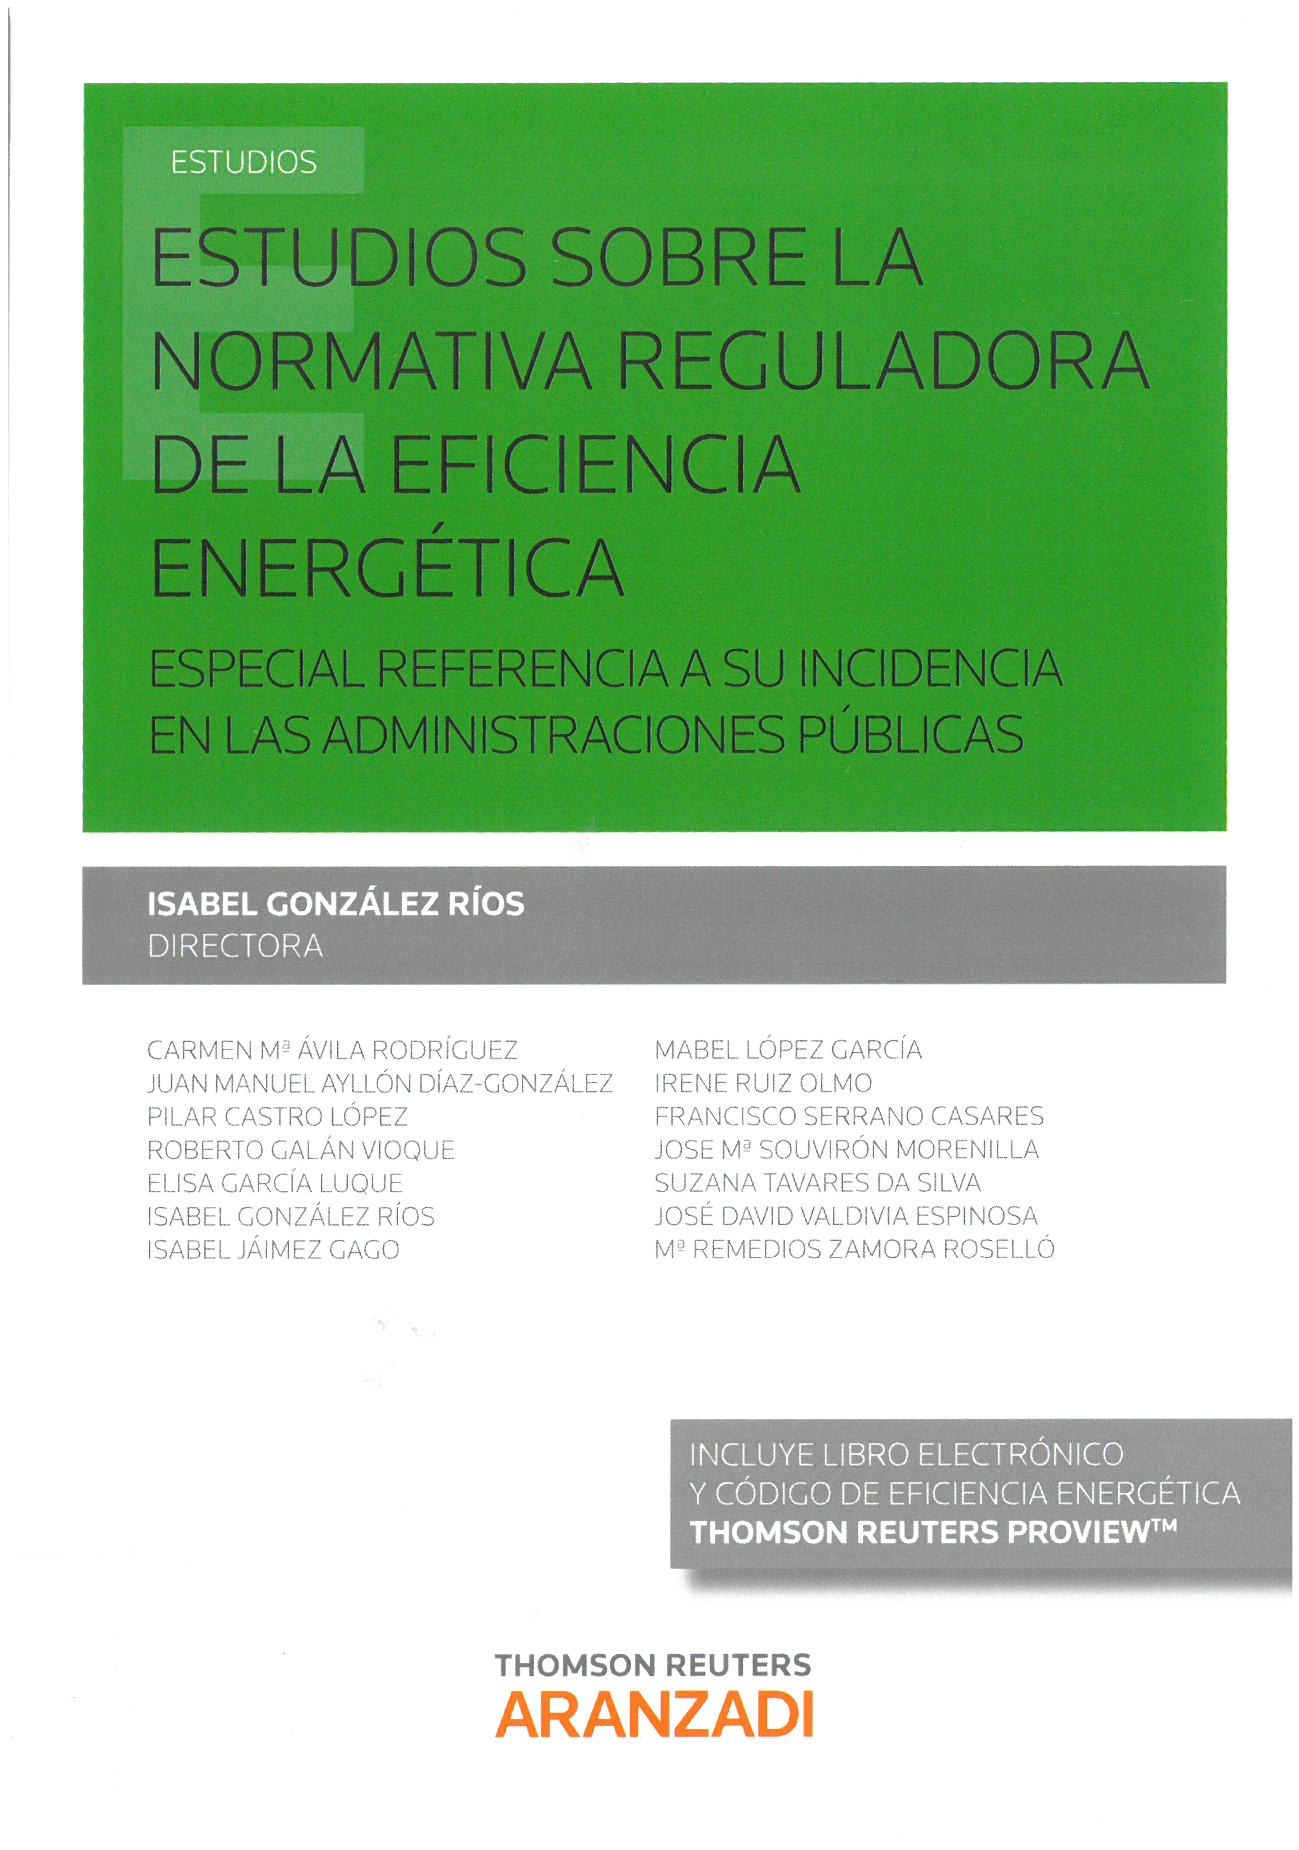 Estudios sobre la normativa reguladora de la eficiencia energ tica especial referencia a su incidencia en